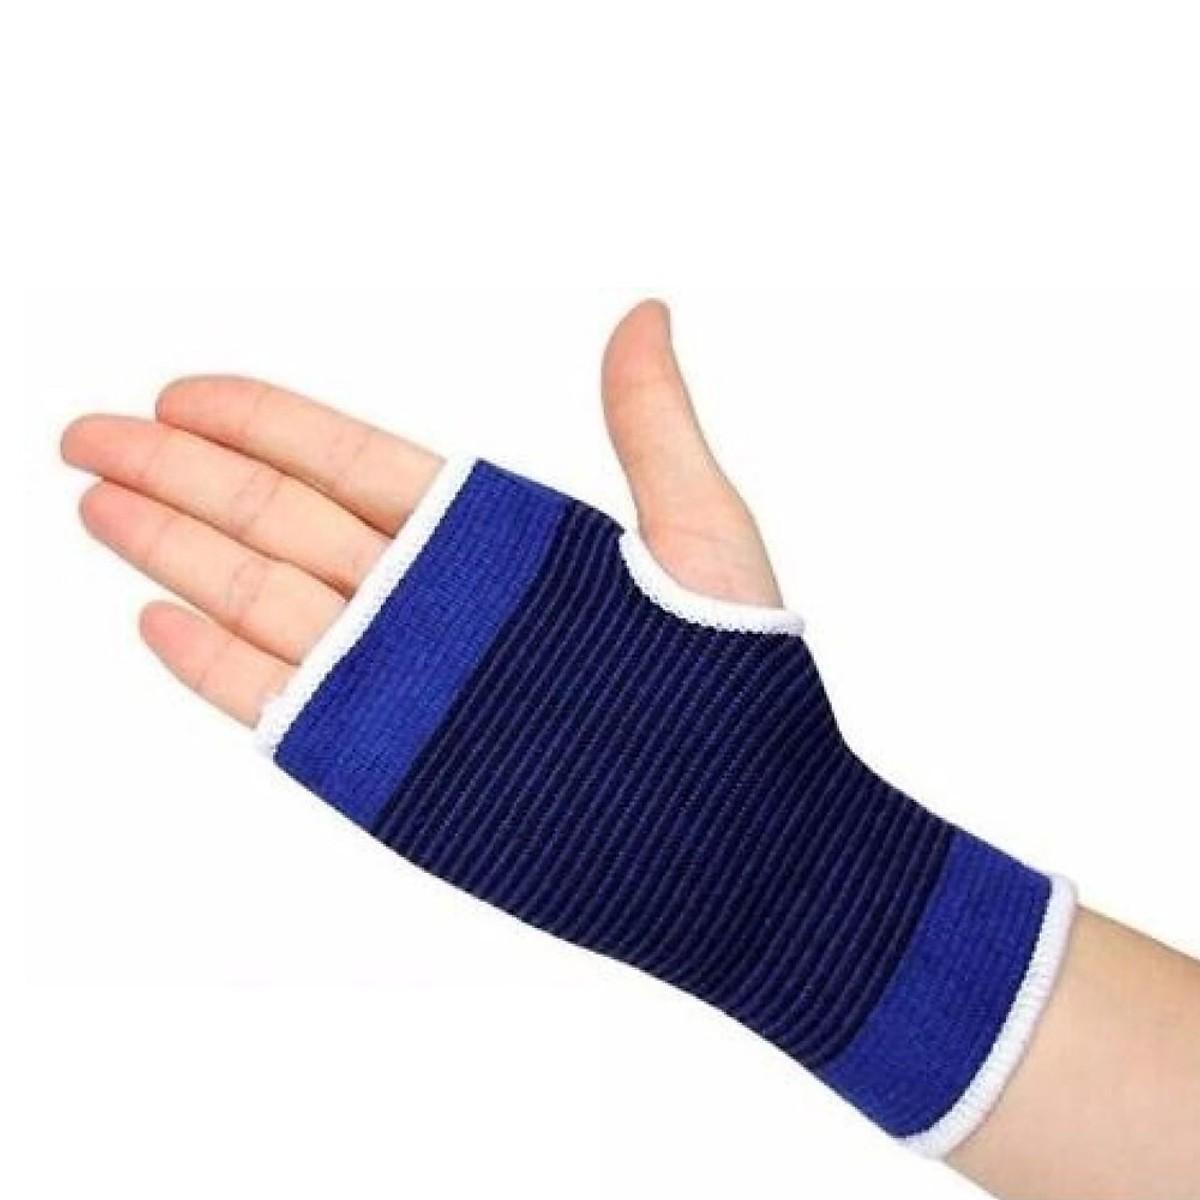 Băng bảo vệ cổ-bàn tay 6622